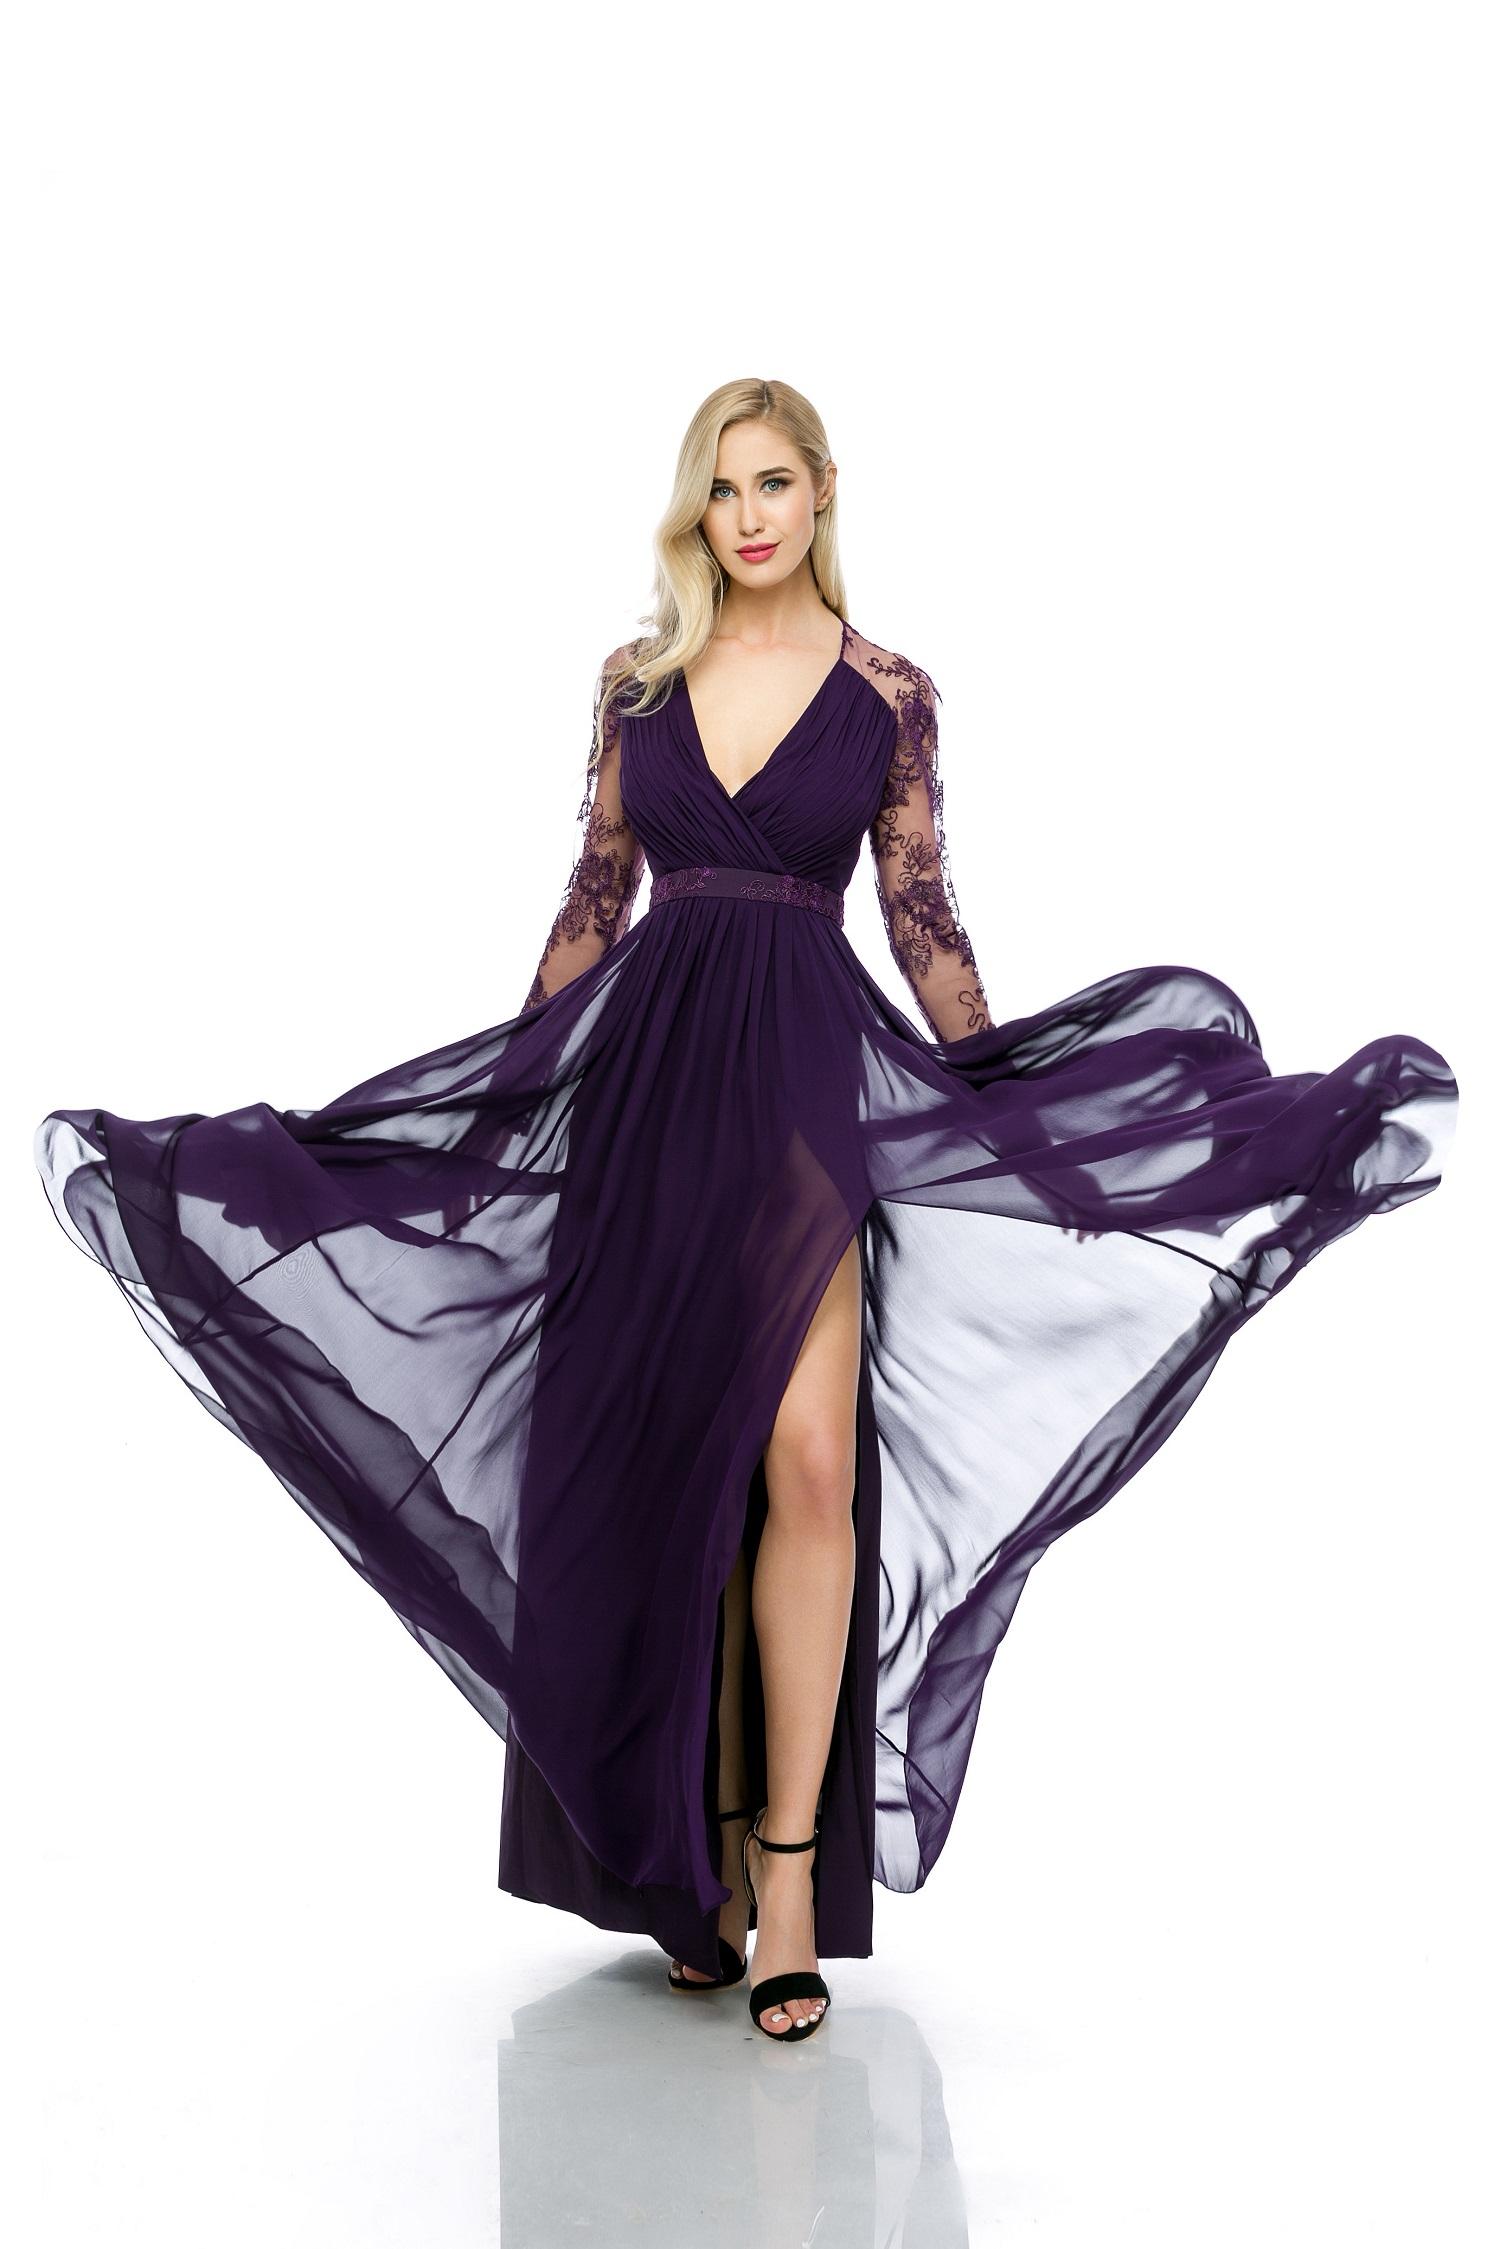 DRESSBOX le asigură femeilor cele mai elegante ținute, de la case renumite de modă, la cele mai accesibile costuri